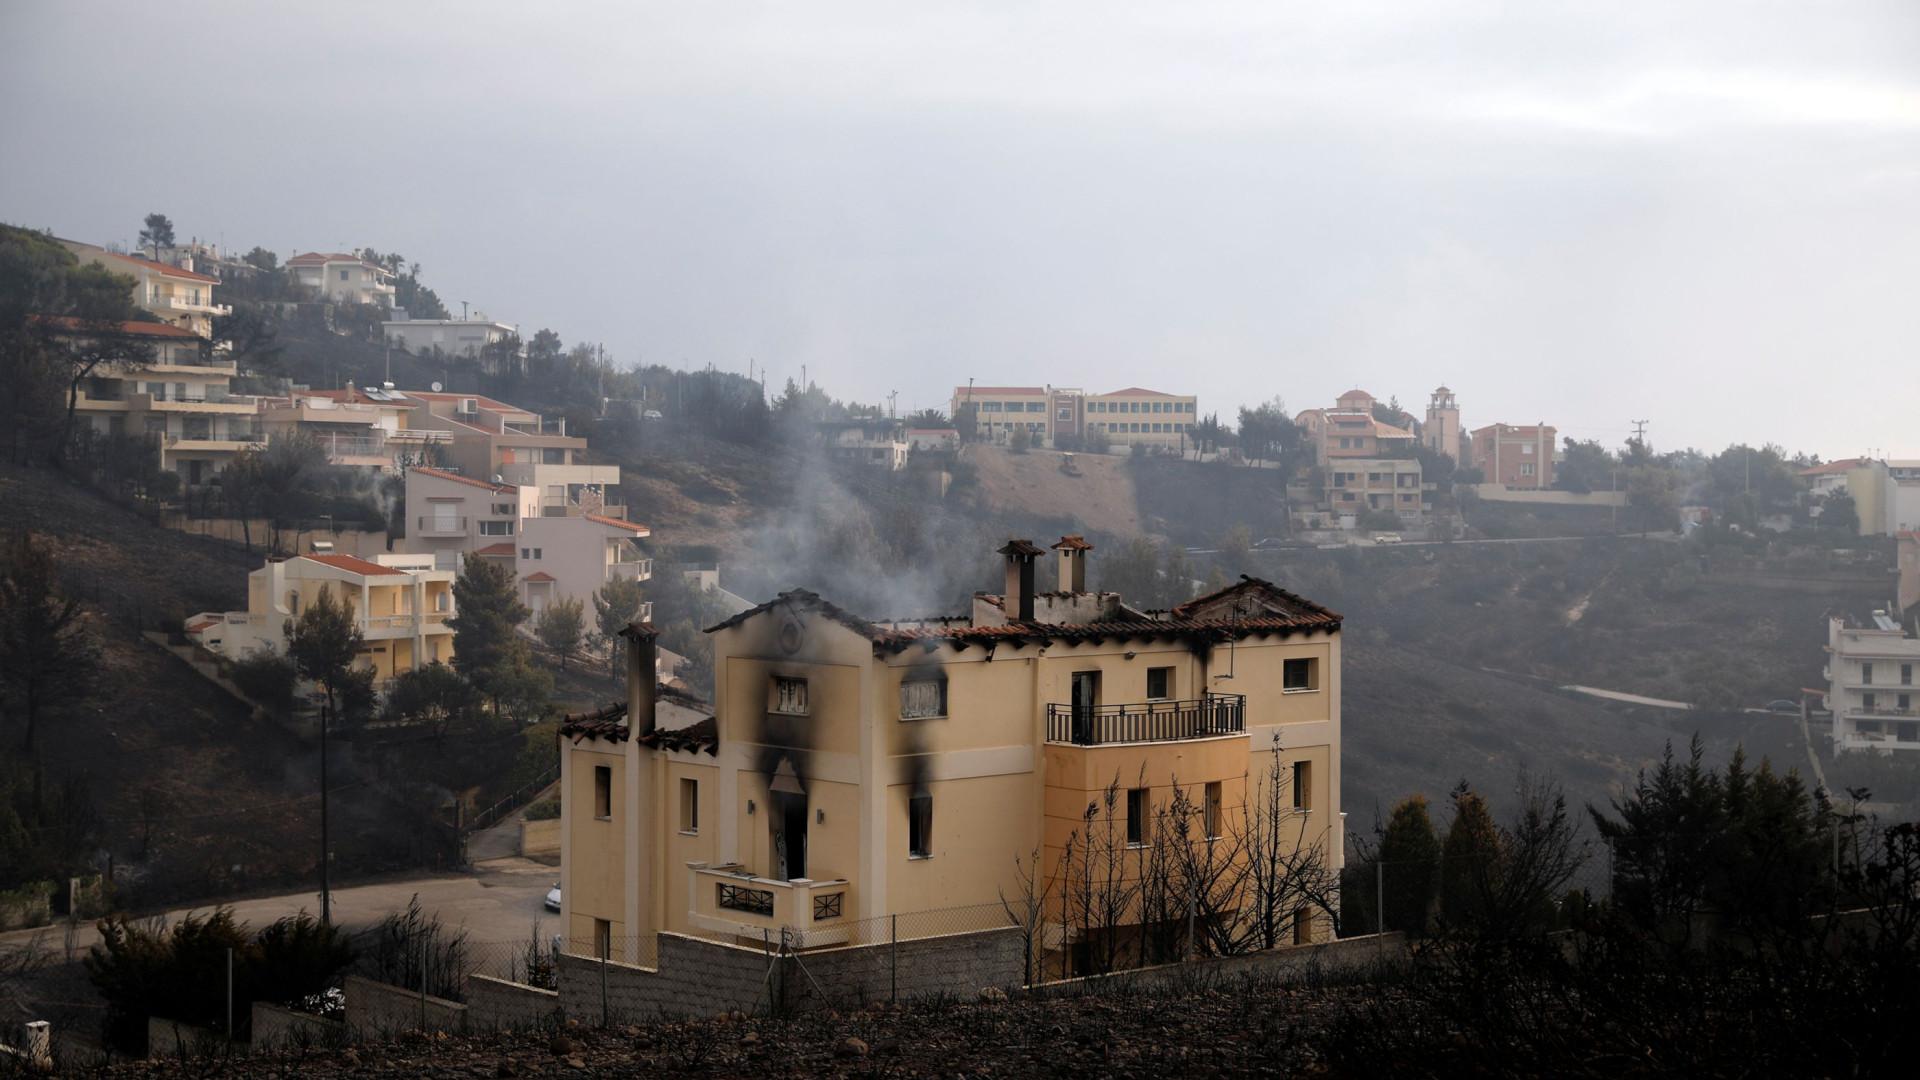 Balanço sobe para 94 mortos no incêndio de julho na Grécia